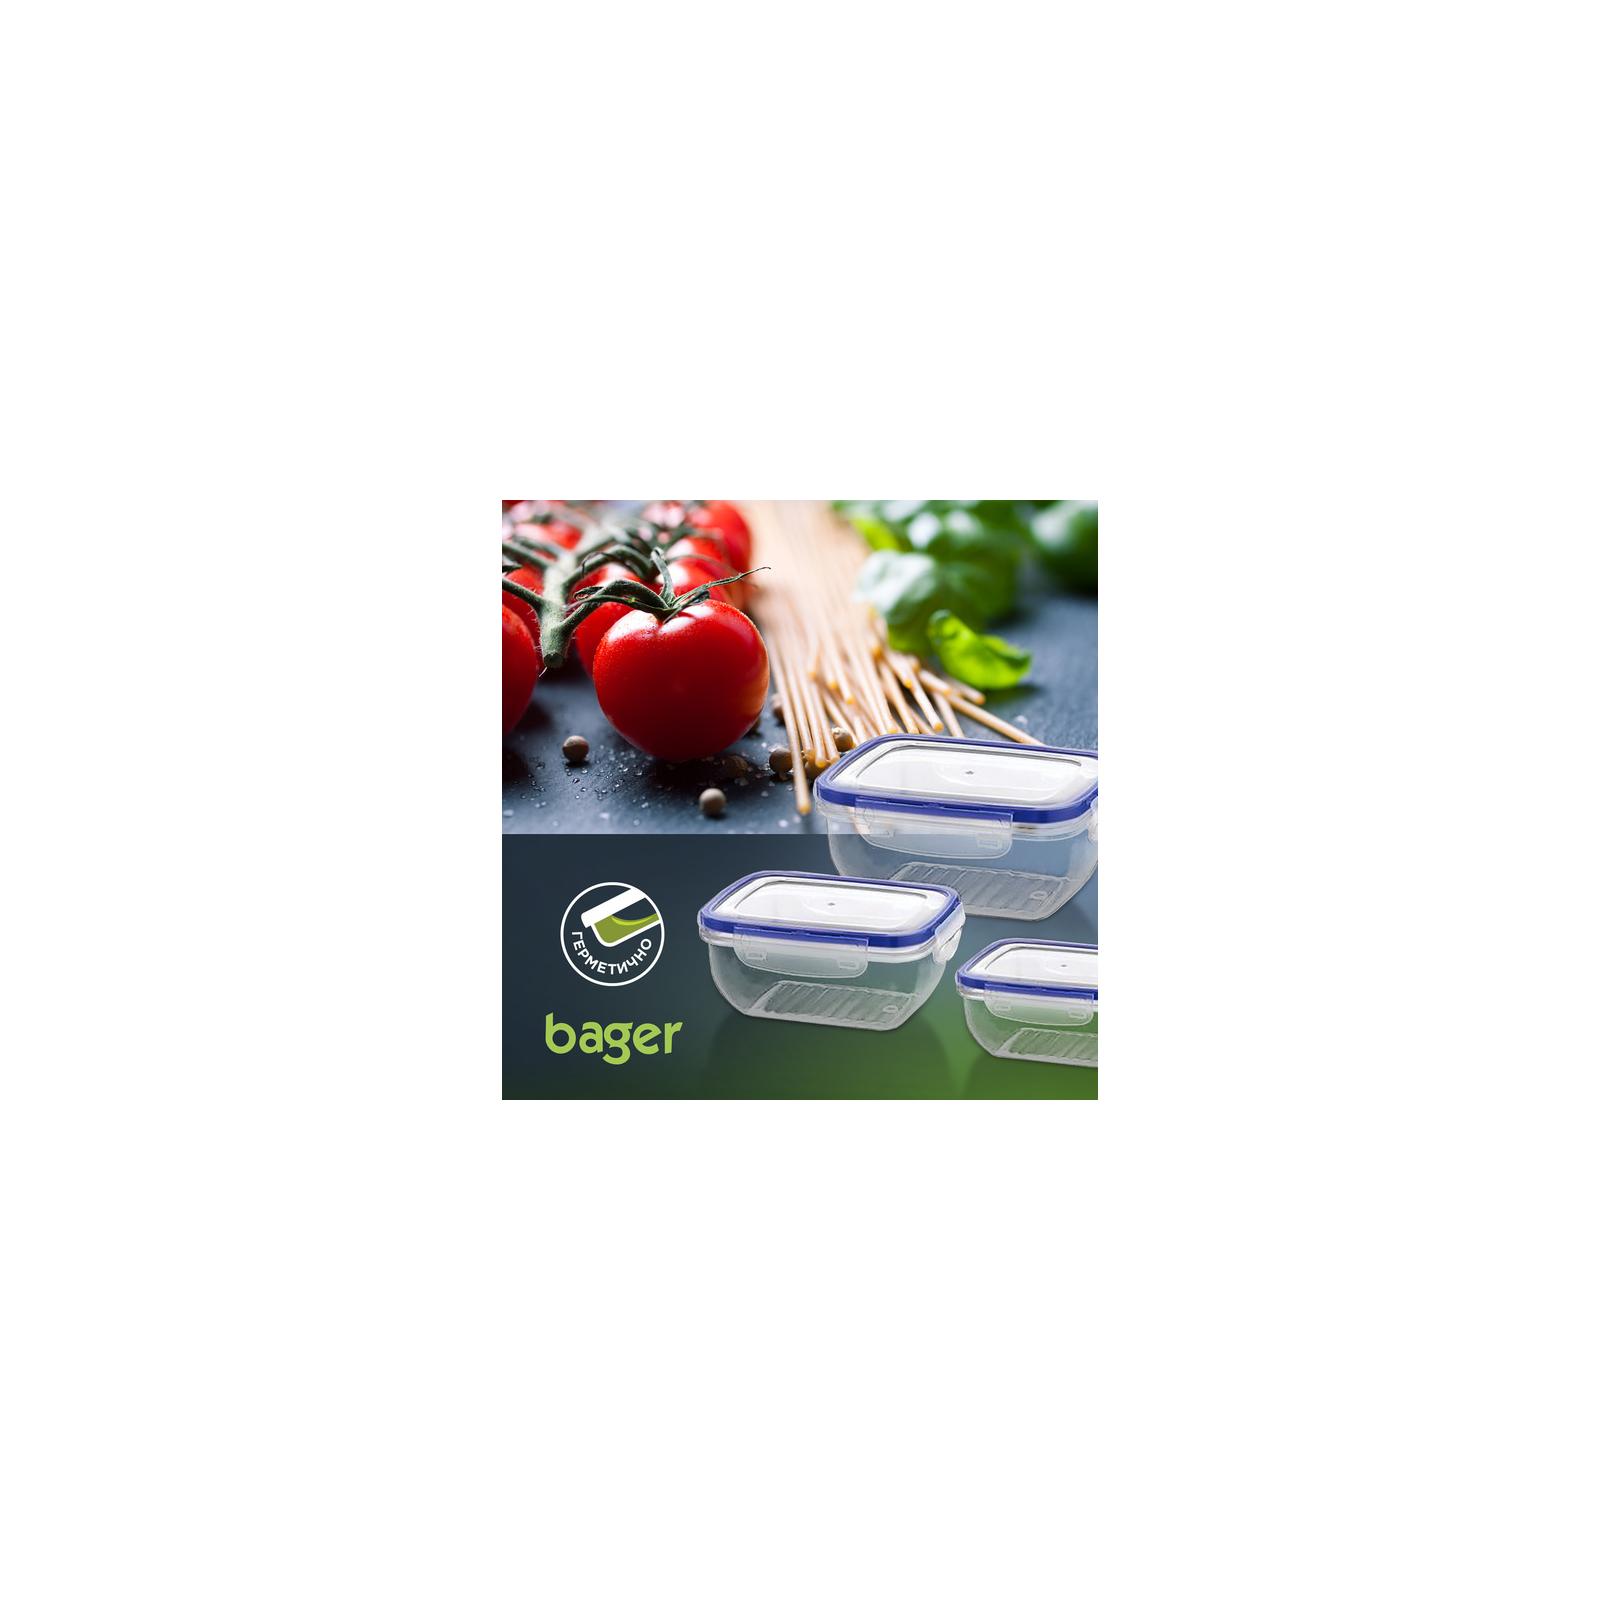 Пищевой контейнер Bager Cook&Lock 3 шт 0.4, 0.8, 1.4 л (BG-504) изображение 3